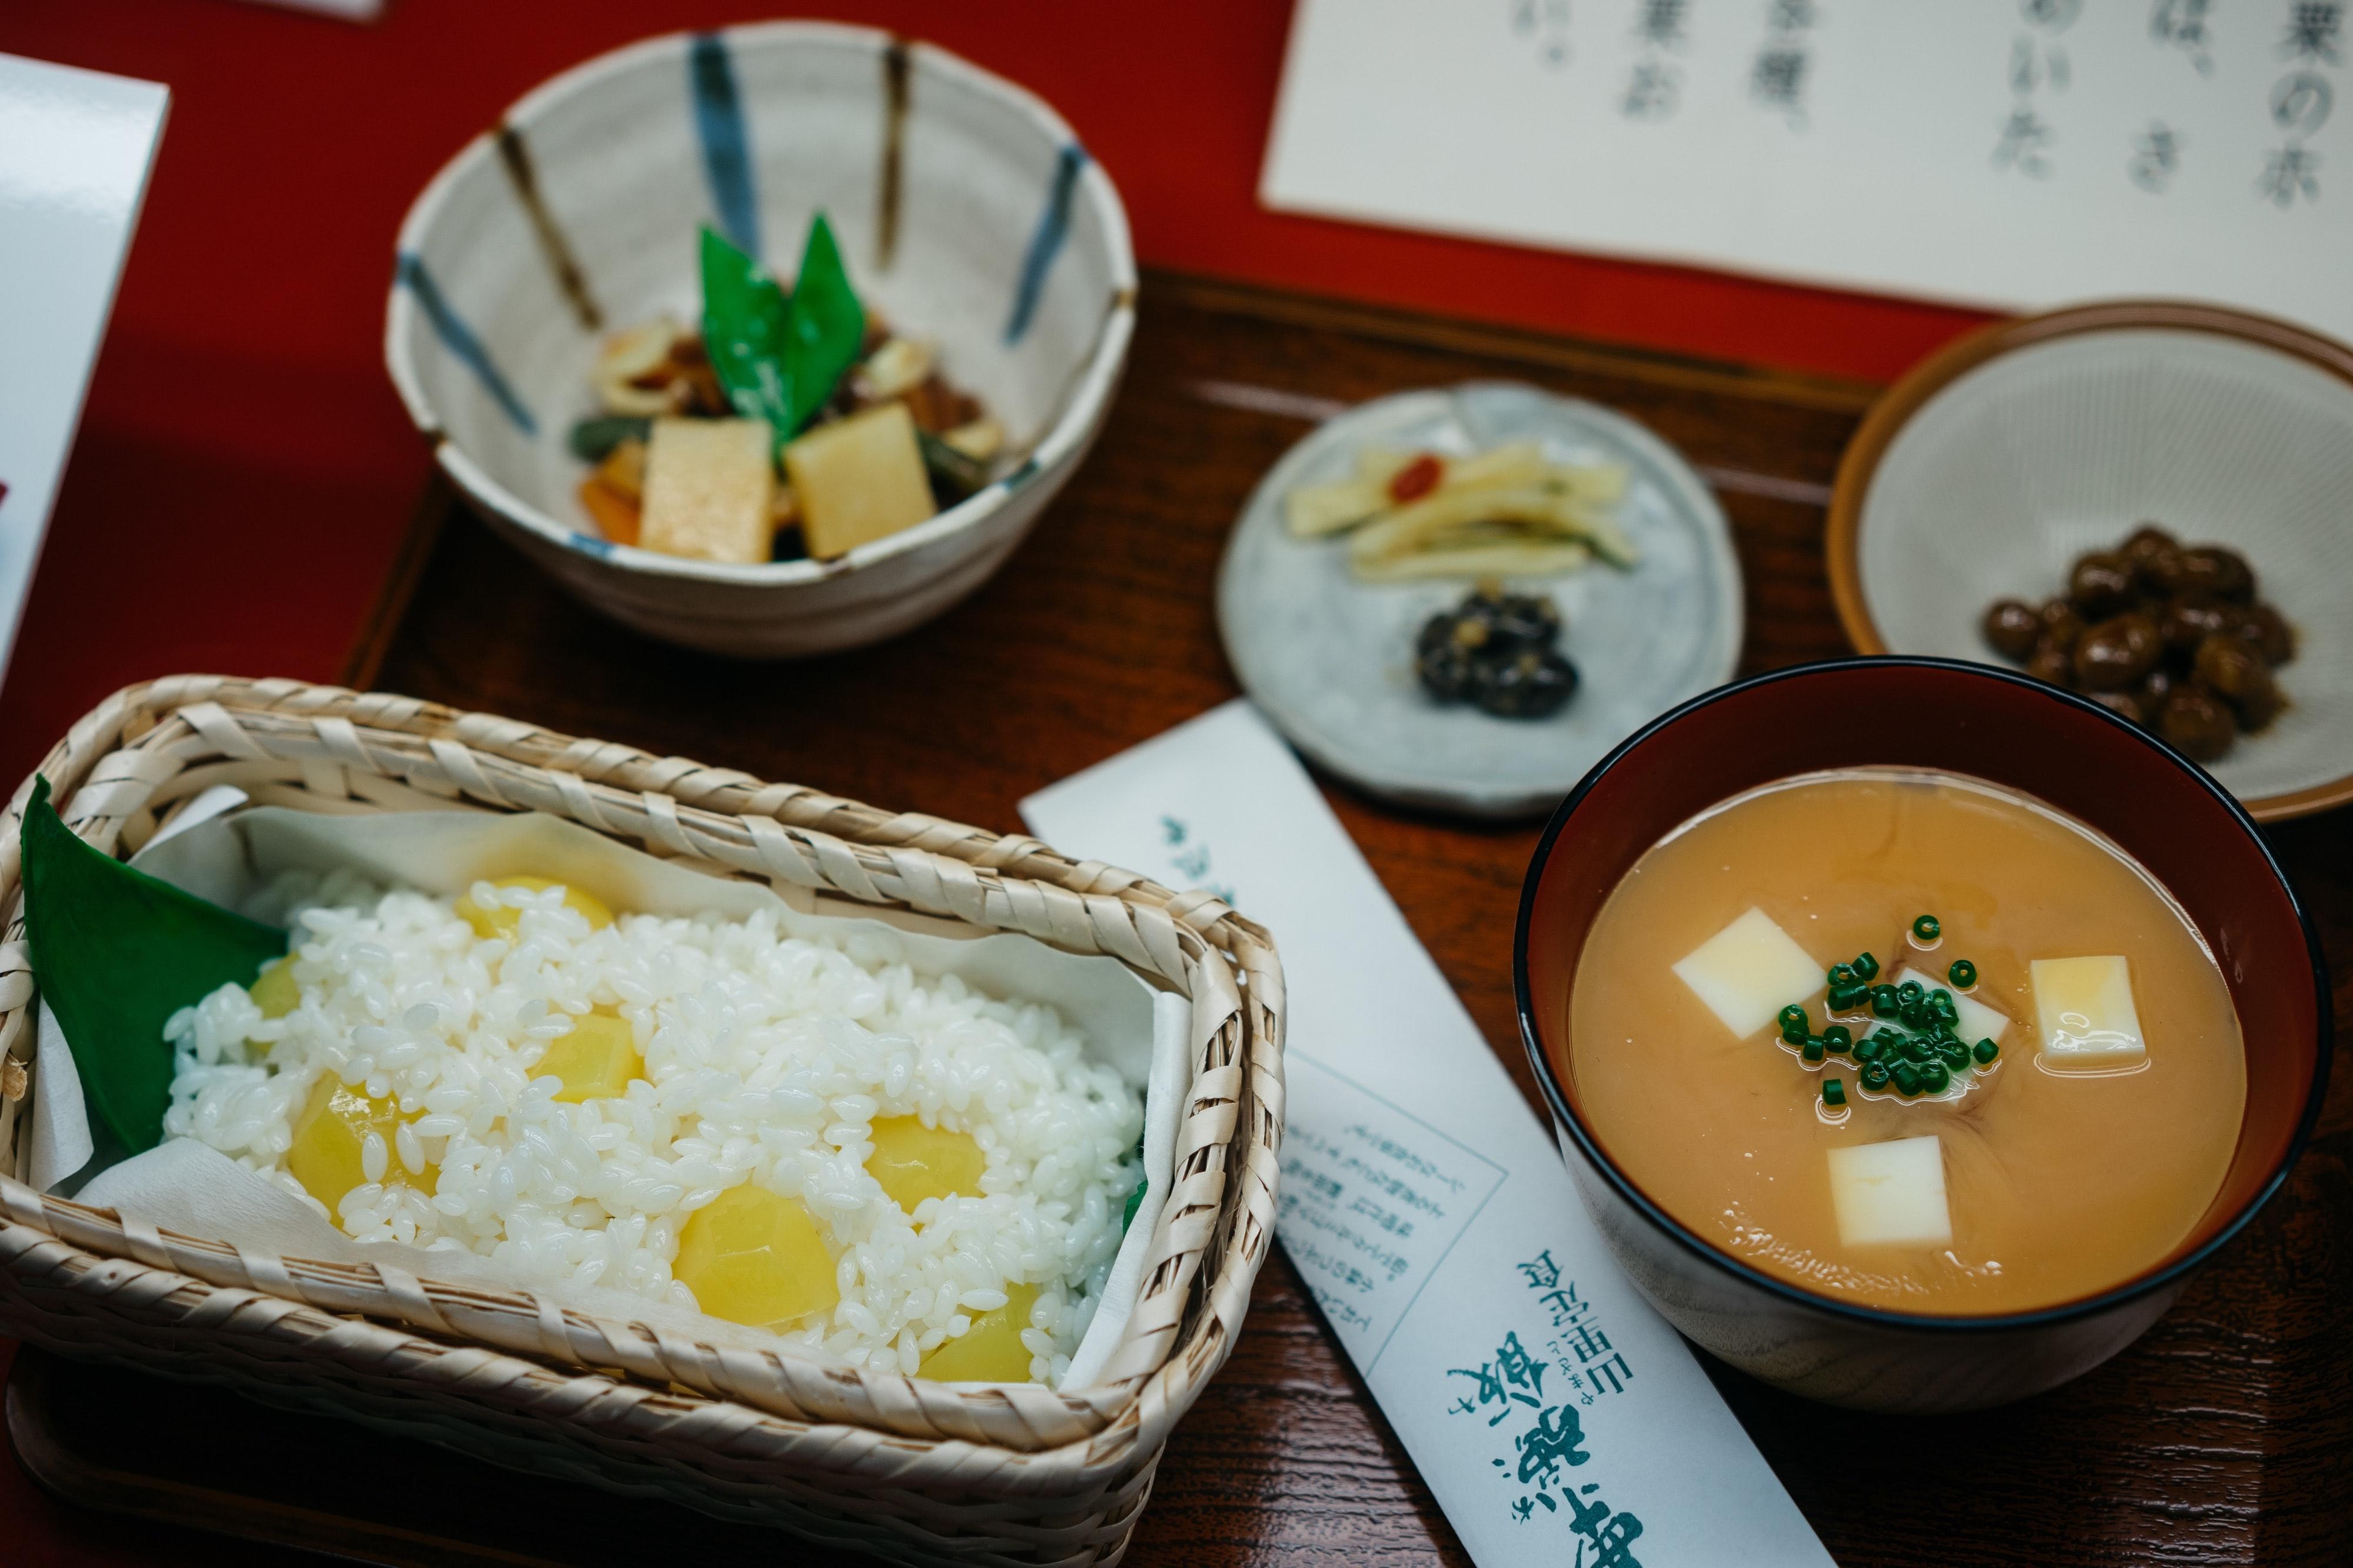 無形文化遺産の「和食」に世界が注目する背景は? その影響と理由を再確認